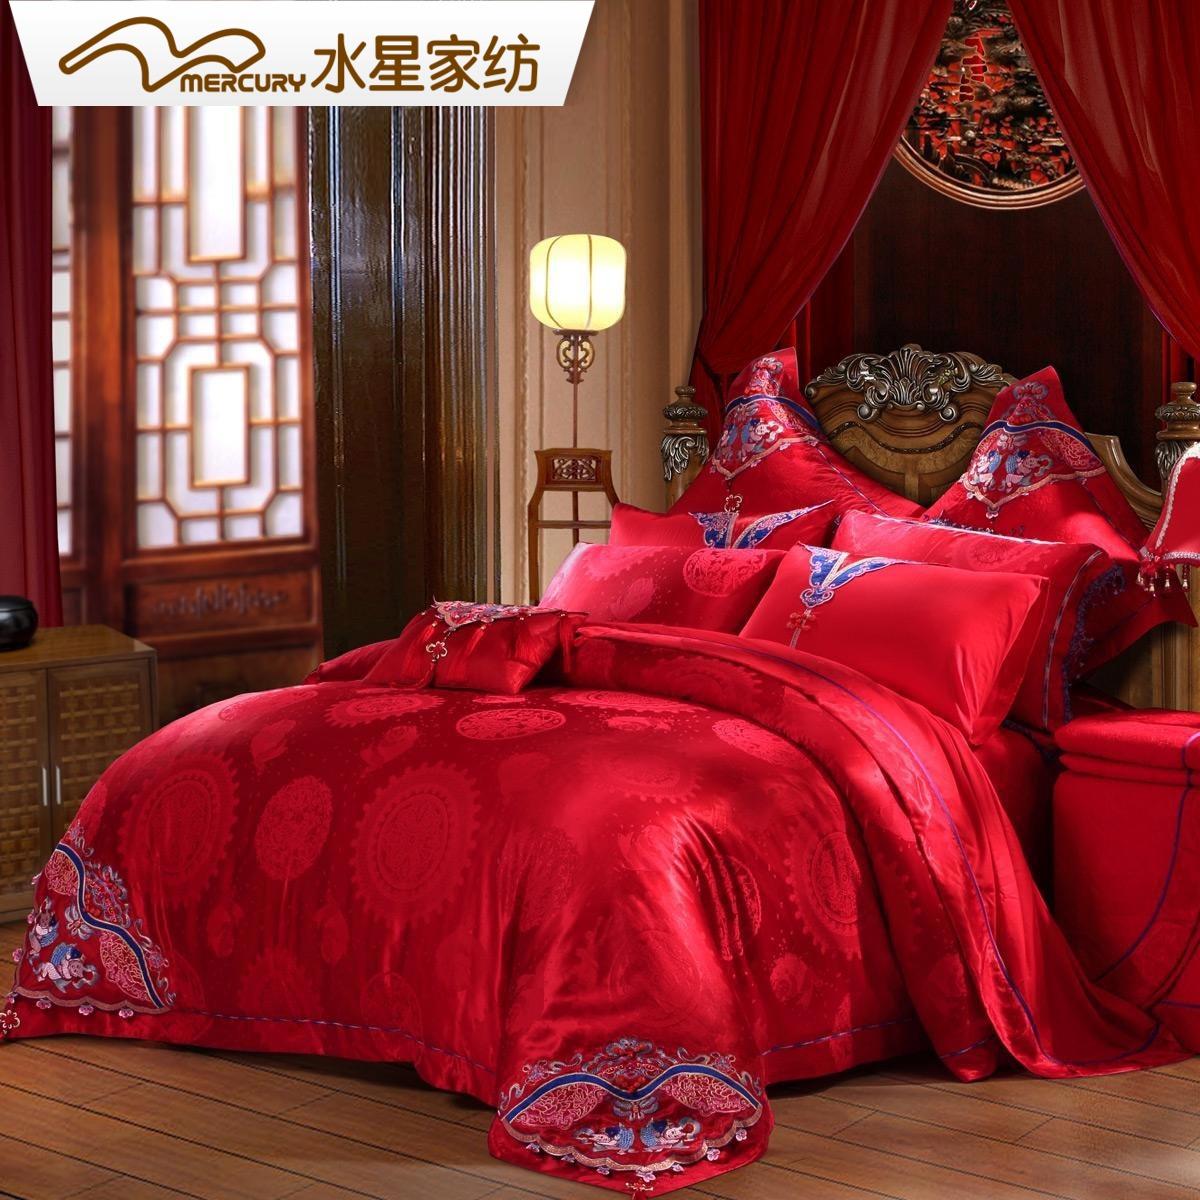 水星家纺床上十件套结婚红色婚庆绣花床品大红床单被套多子多福